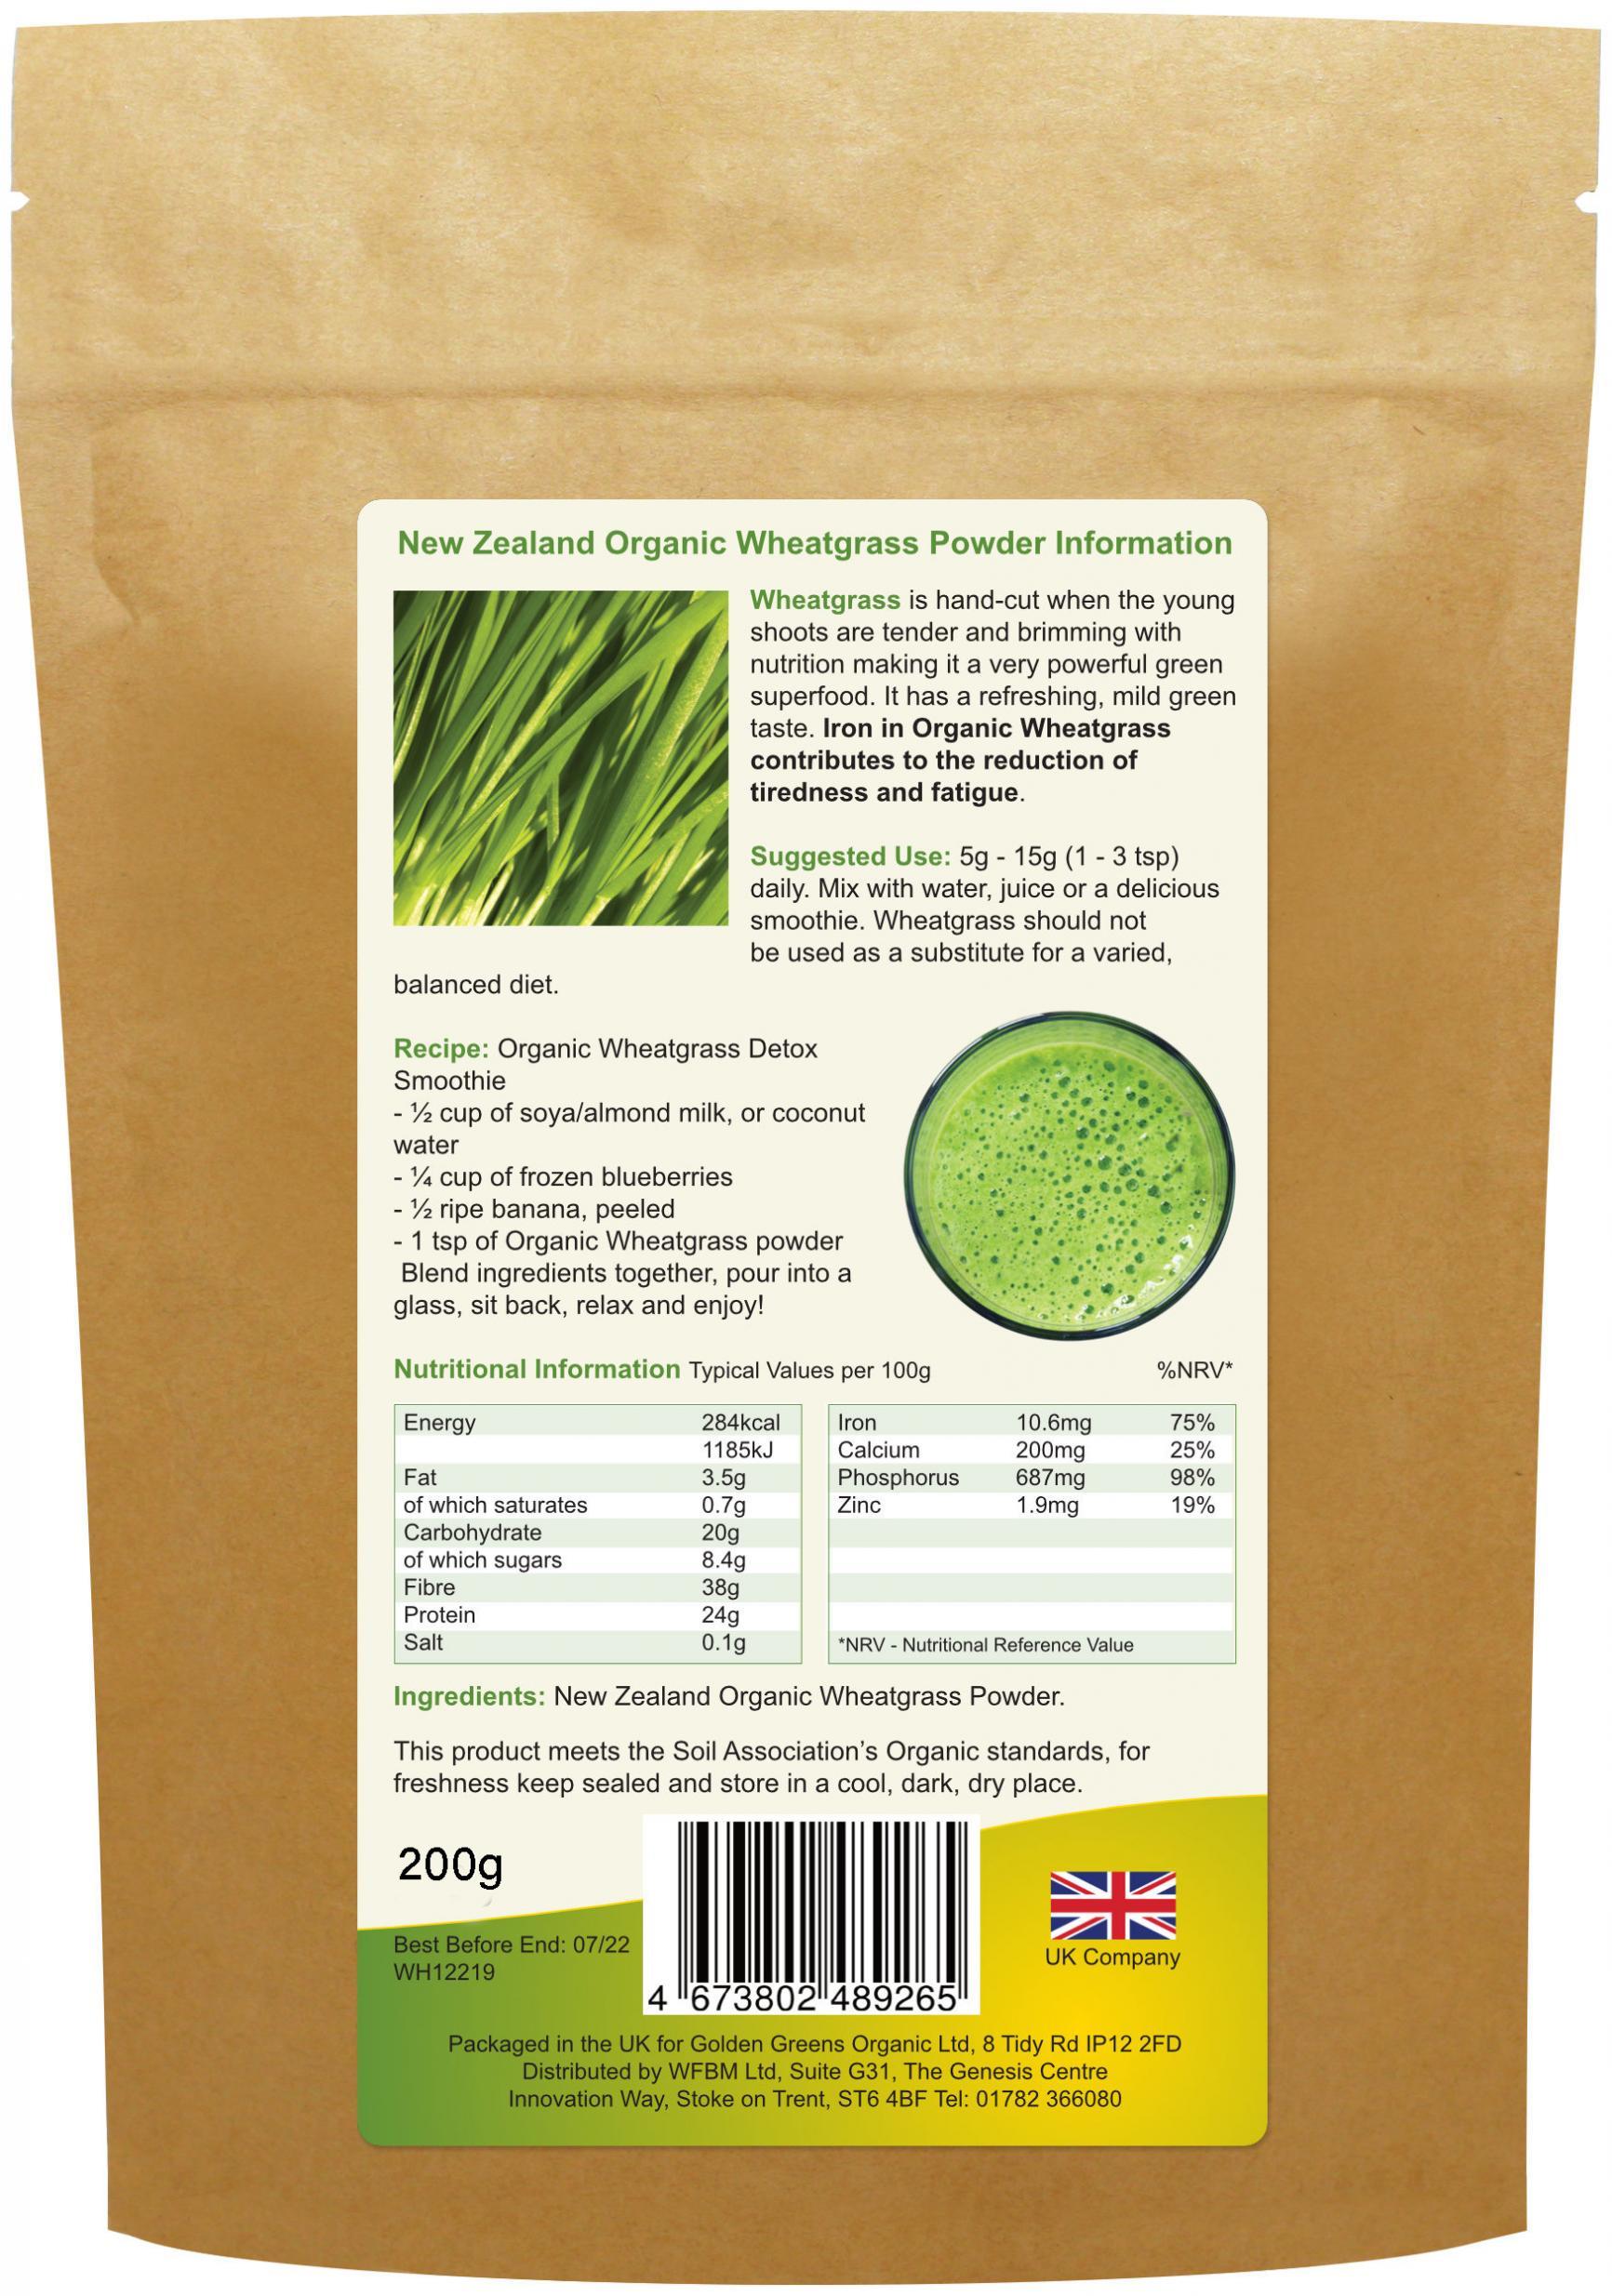 New Zealand Organic Wheatgrass Powder 200g